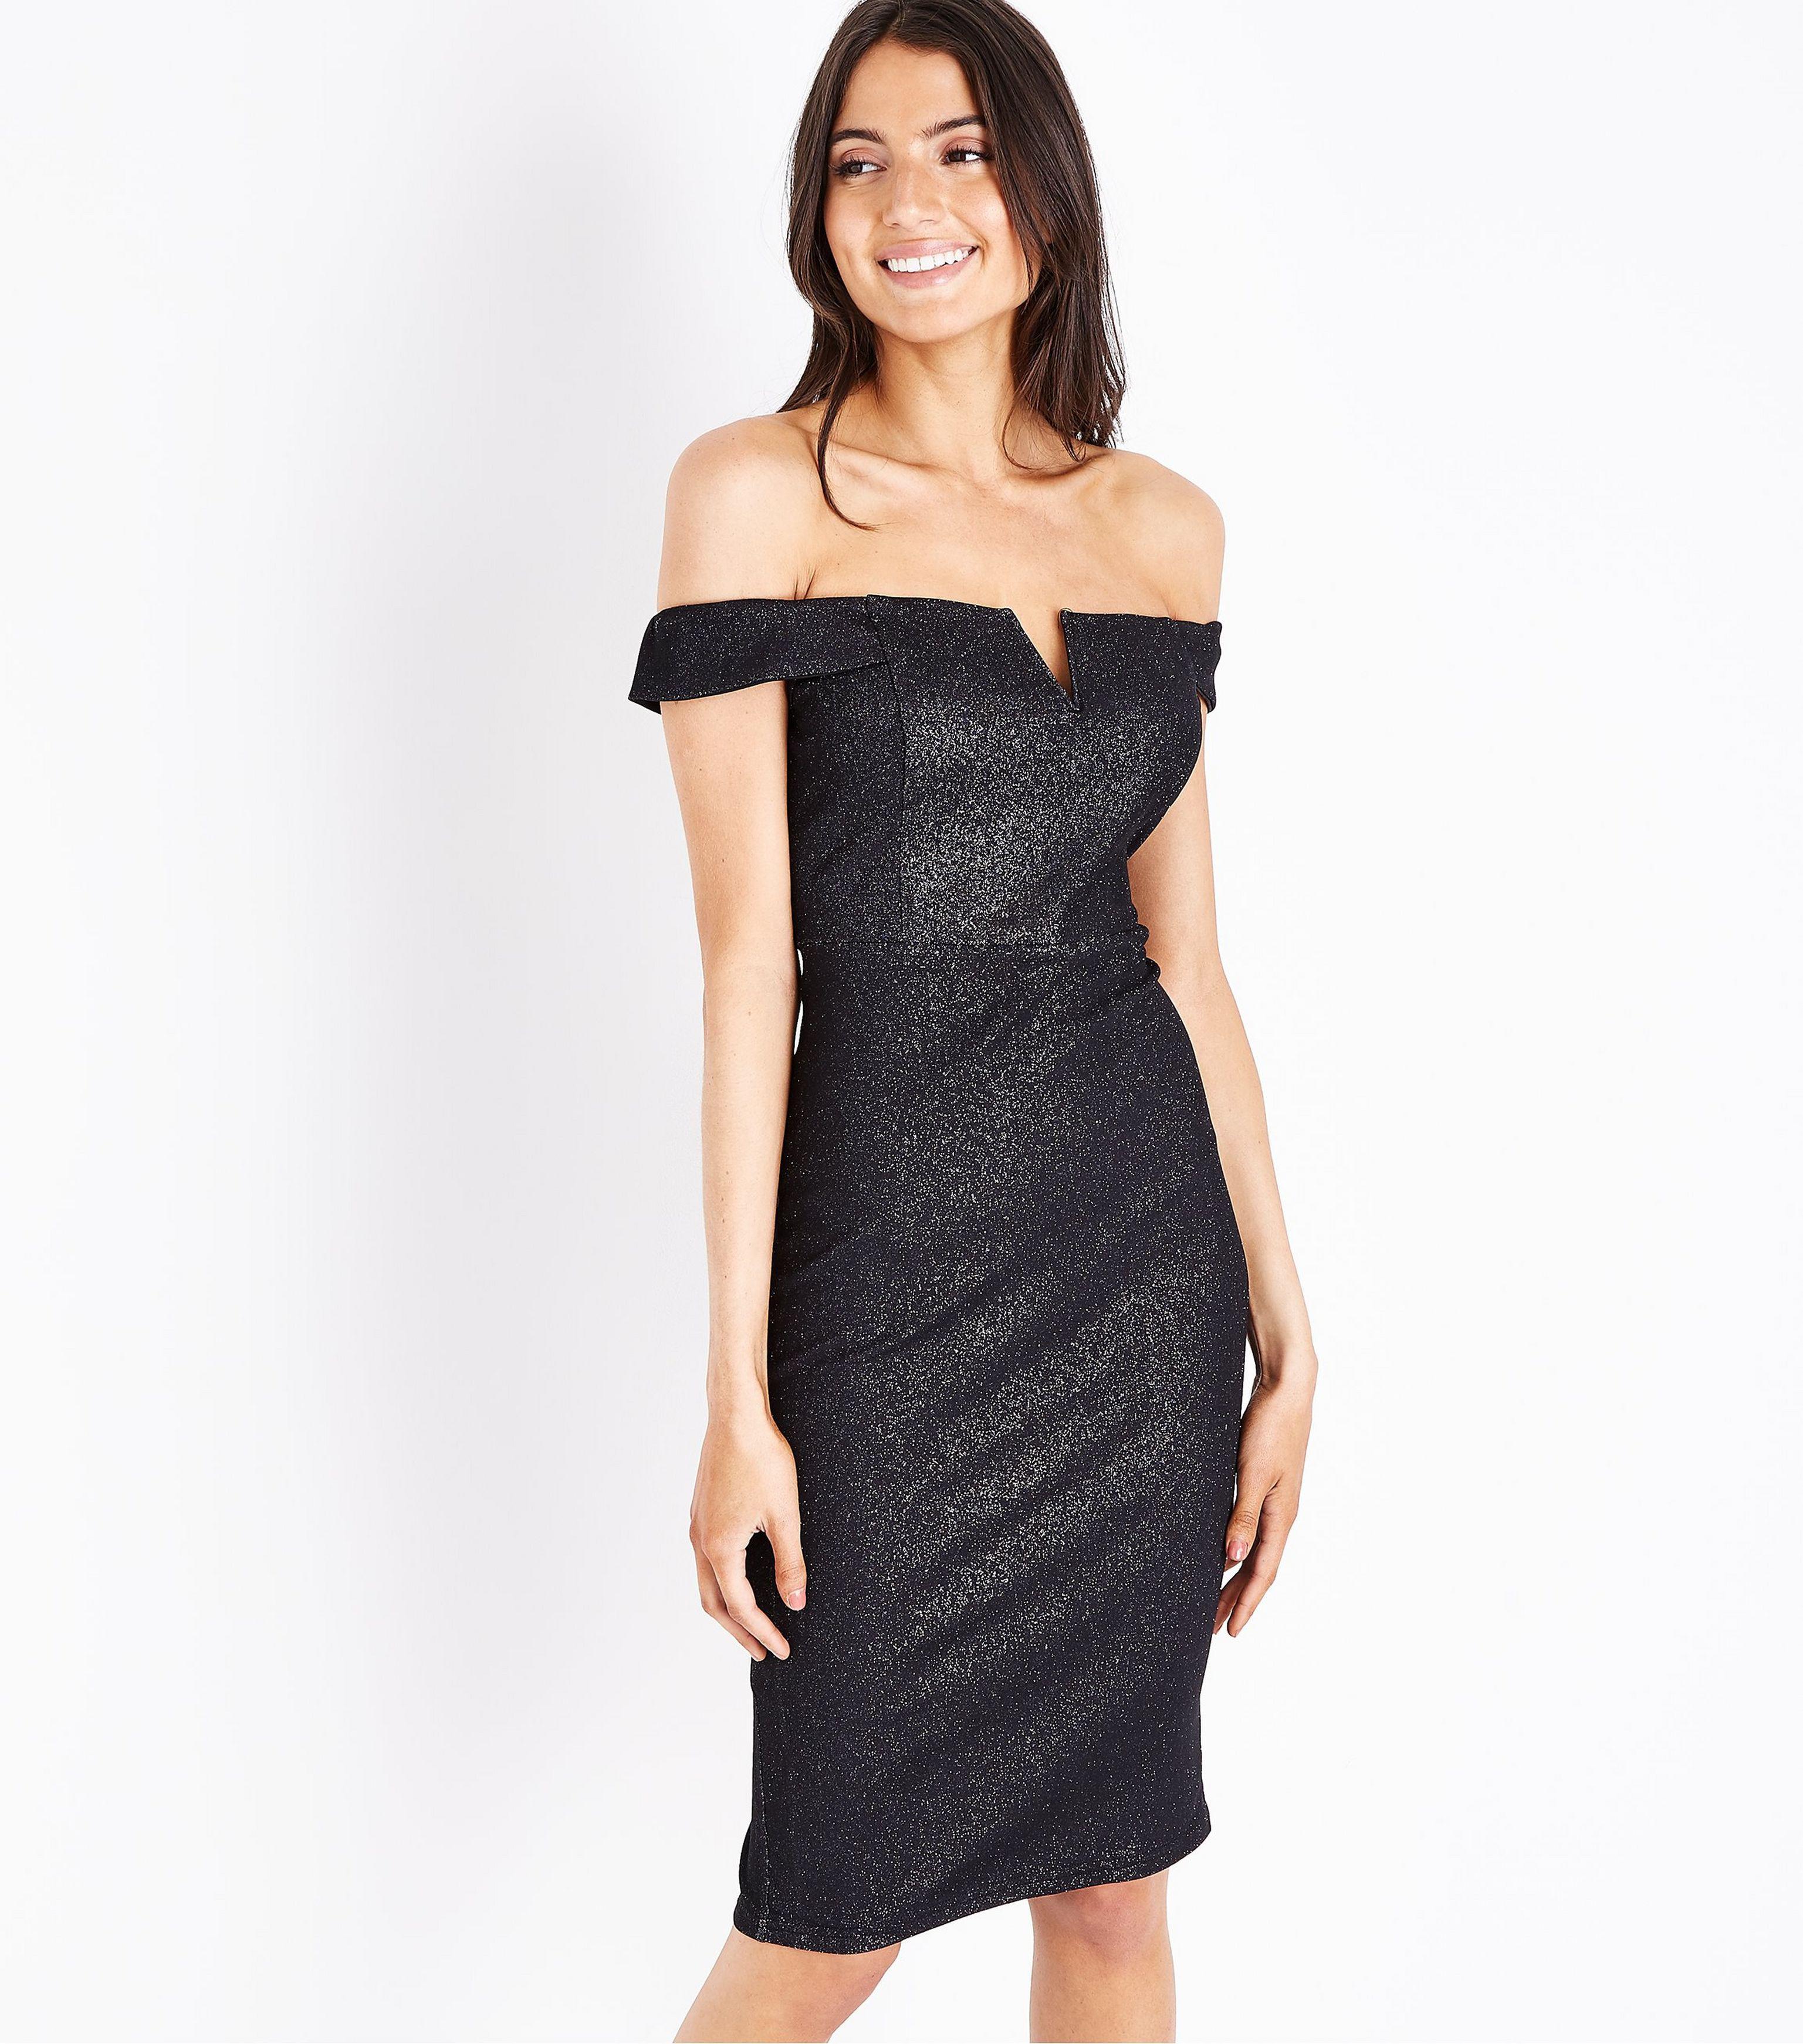 3cb885283c190 AX Paris - Black Glitter Bardot Neck Midi Dress - Lyst. View fullscreen